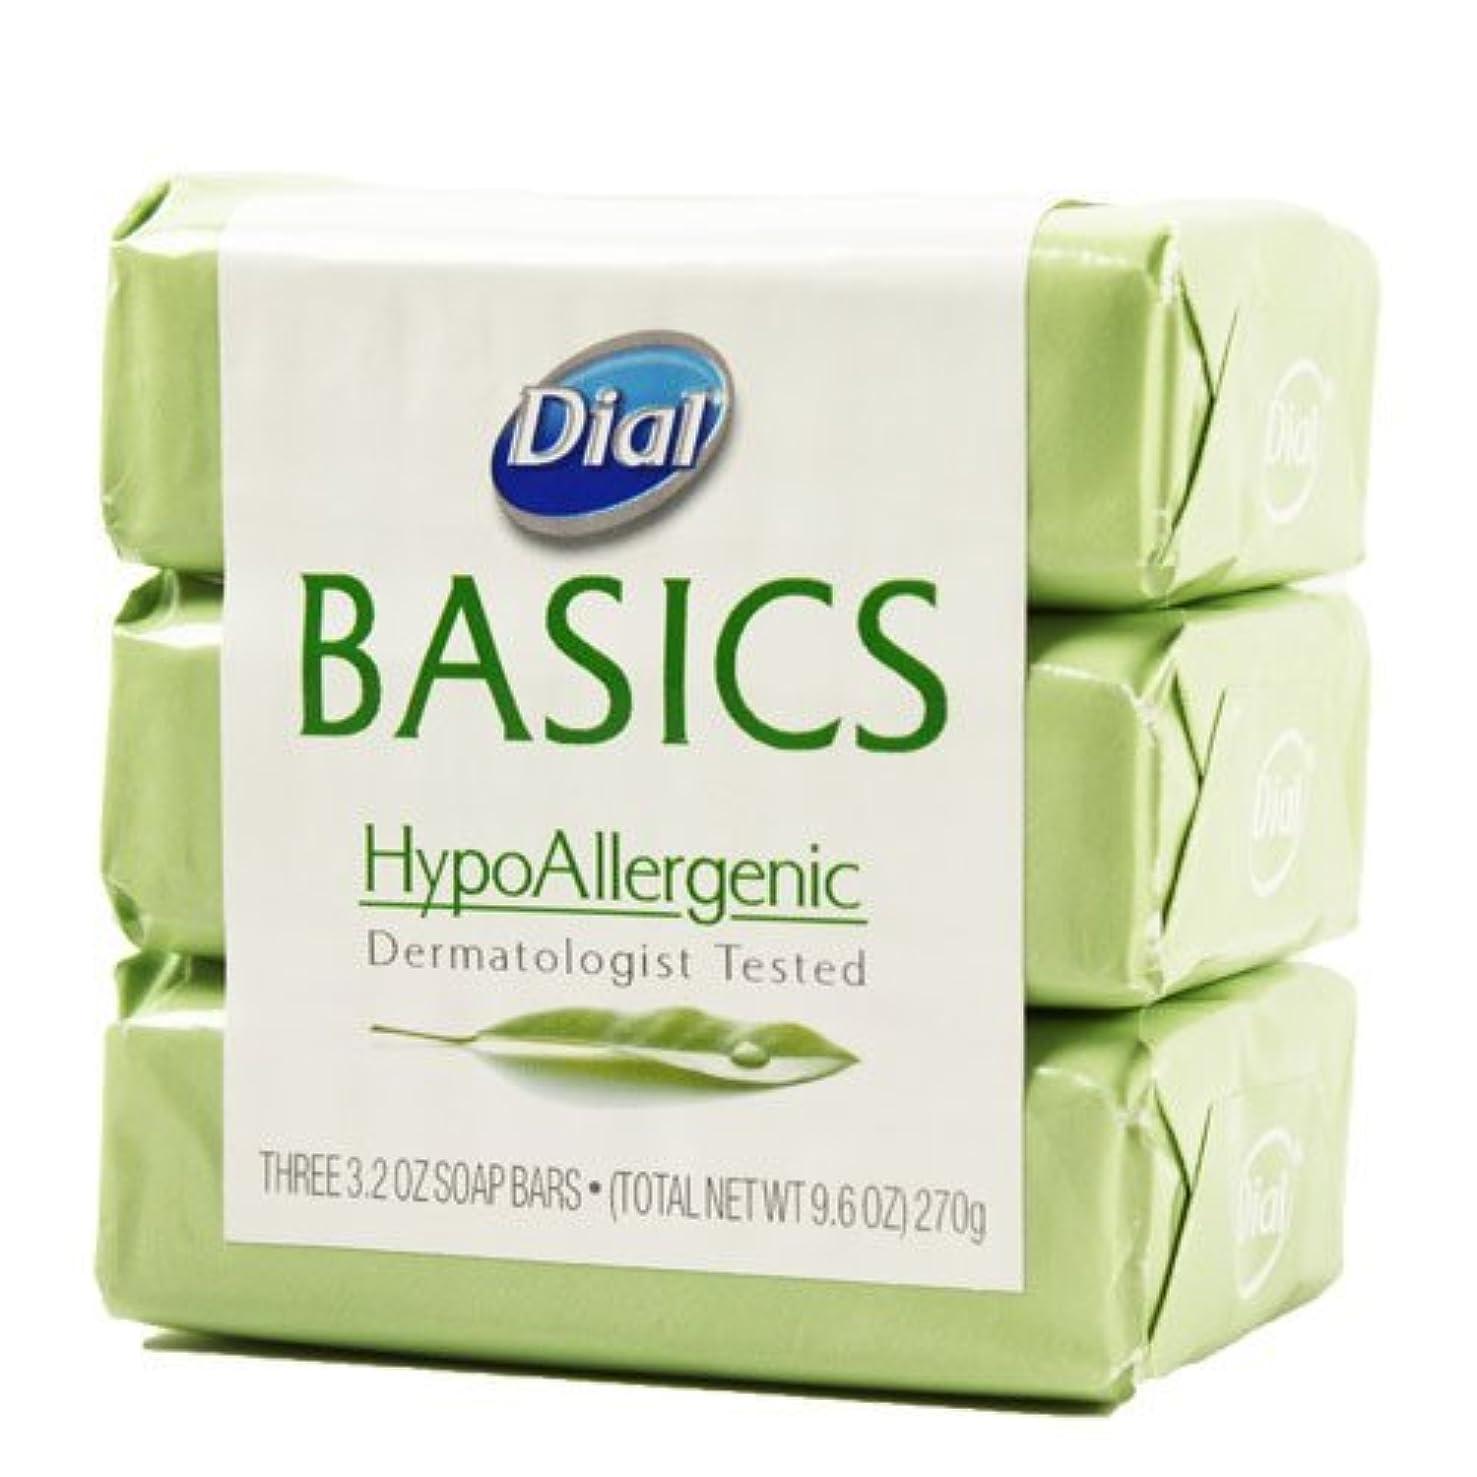 弁護士サラダ今後Dial Basics HypoAllergenic Dermatologist Tested Bar Soap, 3.2 oz (18 Bars) by Basics